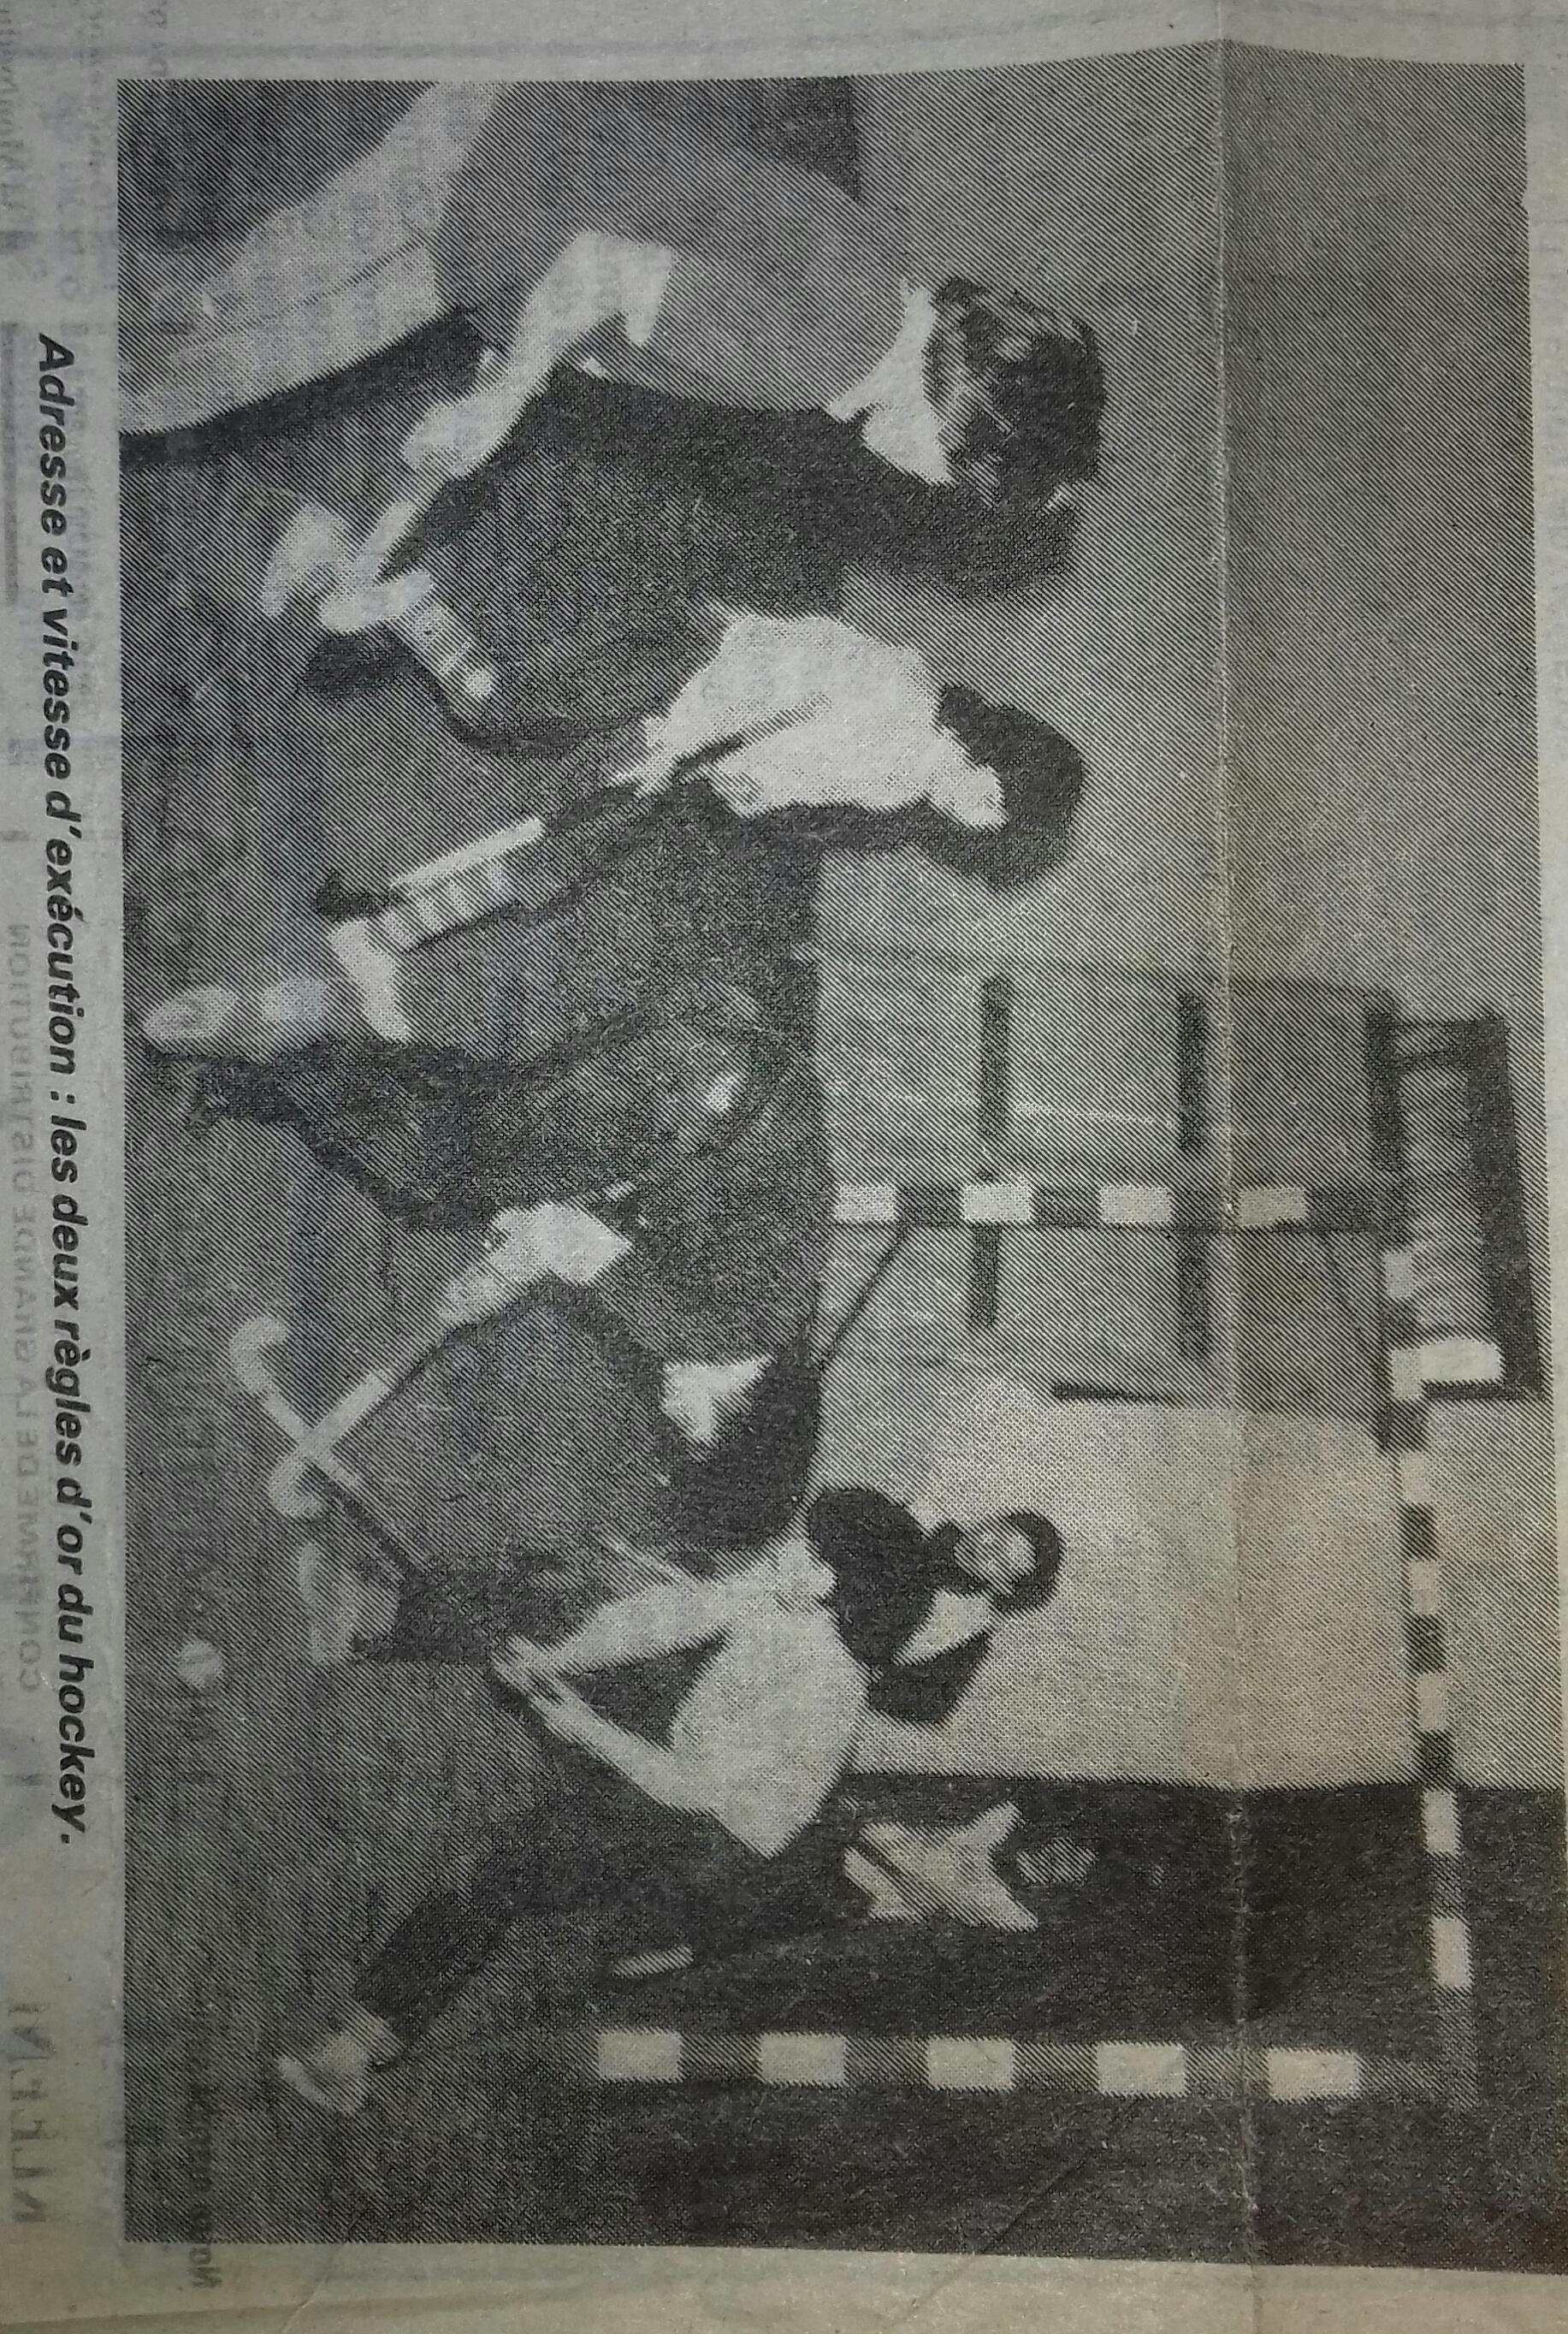 CP-11 juin 1983 (2)